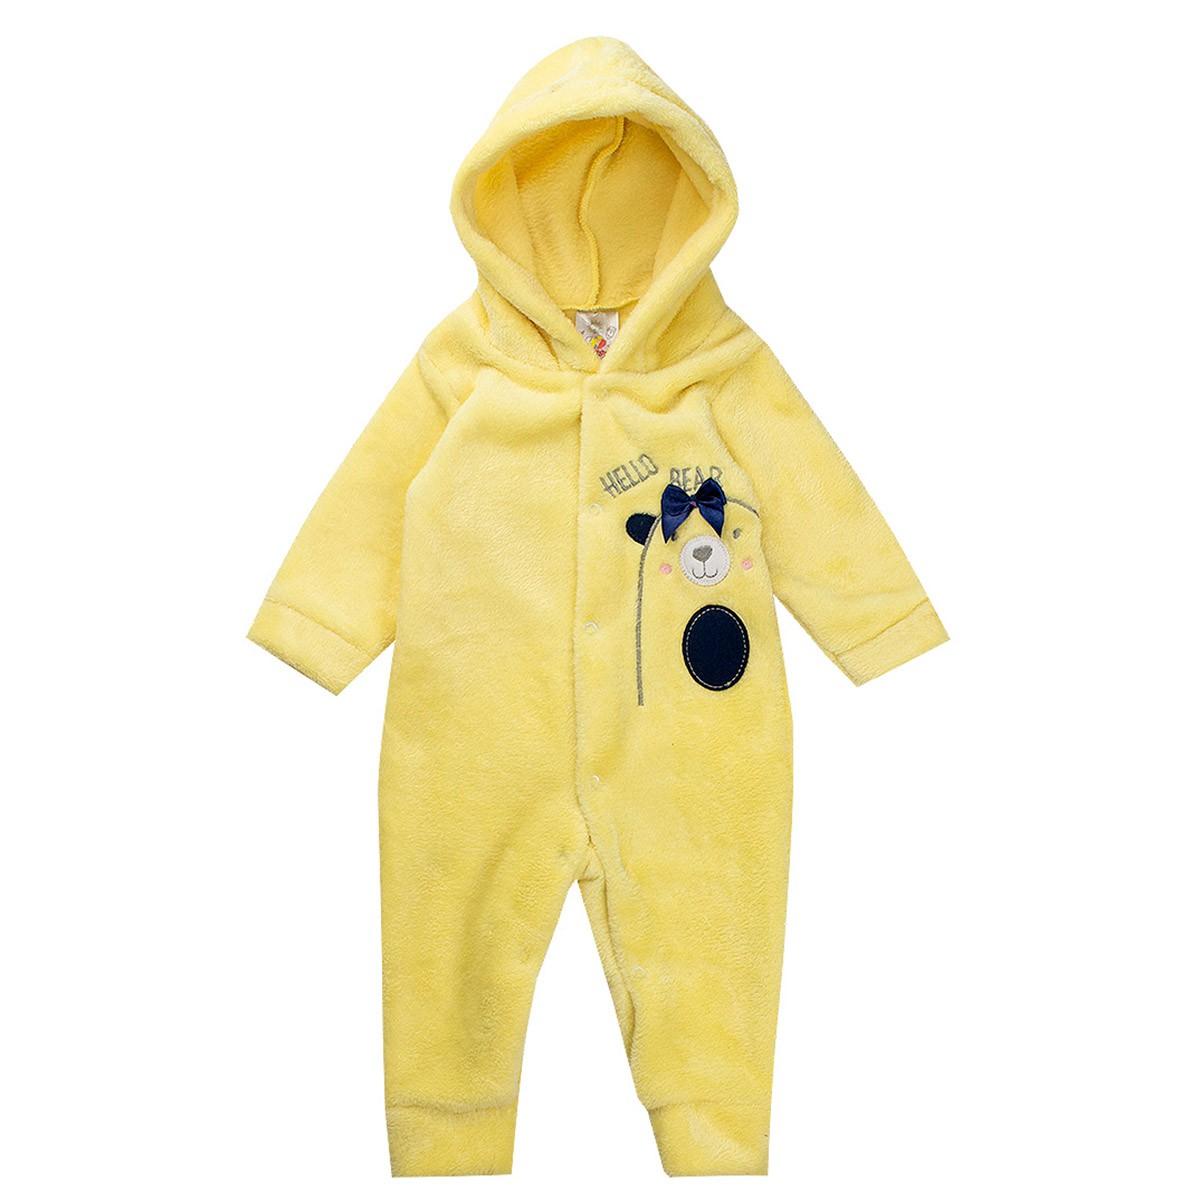 Macaquinho Bebê Menina Plush Antialérgico Amarelo - Isensee